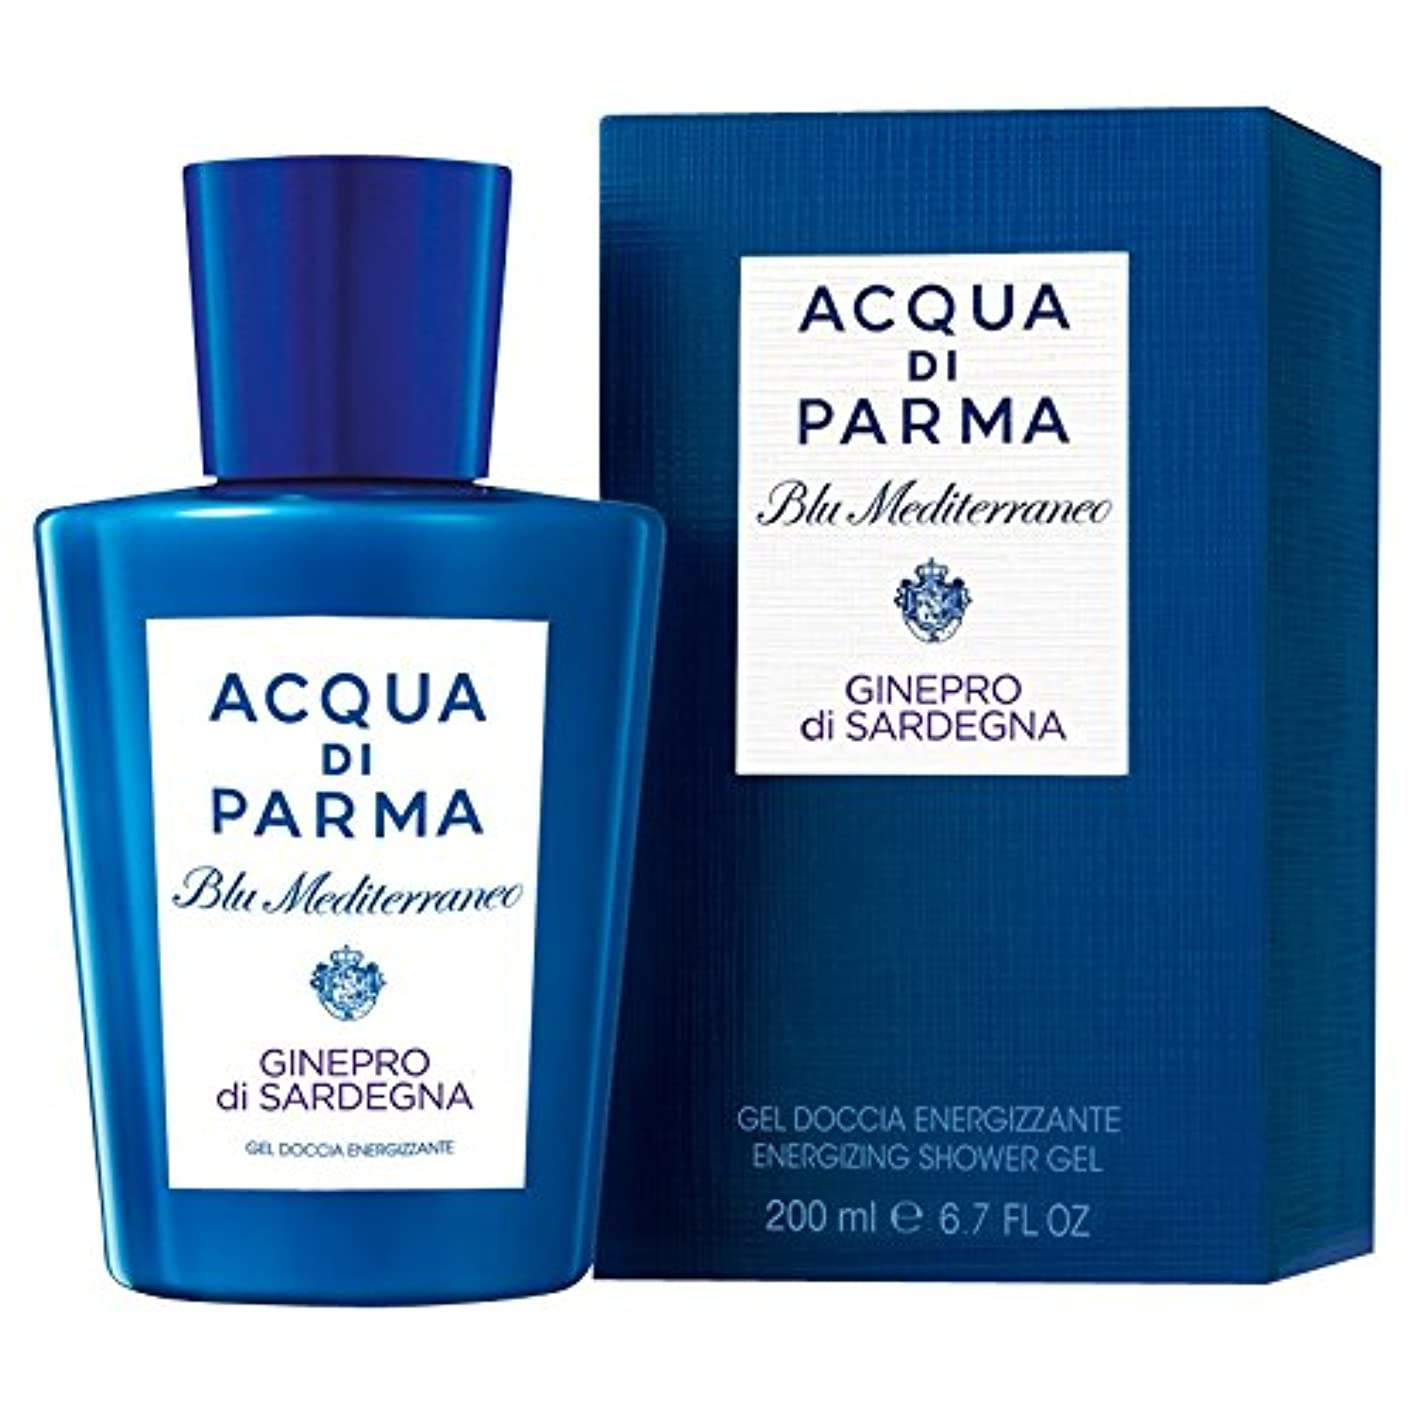 バングエキゾチックリネンアクア?ディ?パルマブルーメディGineproのディサルデーニャシャワージェル200ミリリットル (Acqua di Parma) - Acqua di Parma Blu Mediterraneo Ginepro Di...